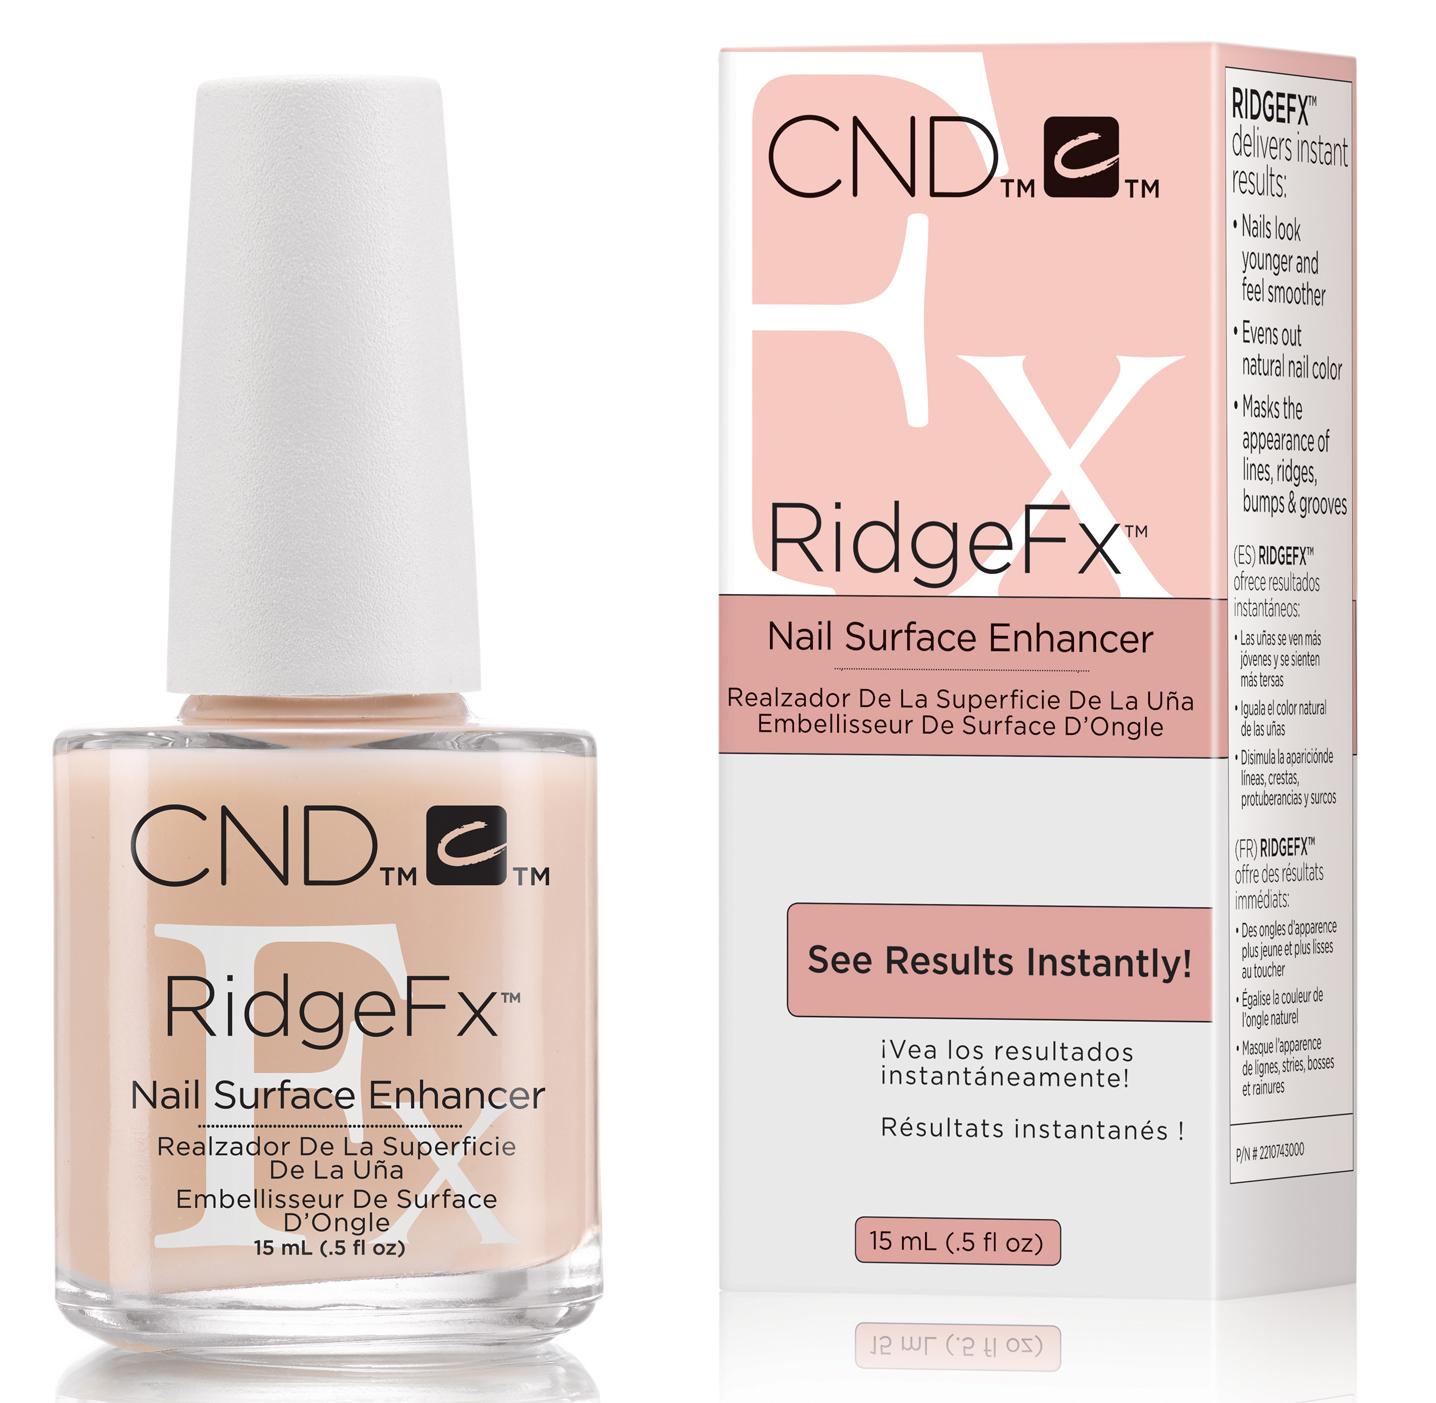 cnd_ridgefx_nail_surface_enhancer_15ml_dkk125